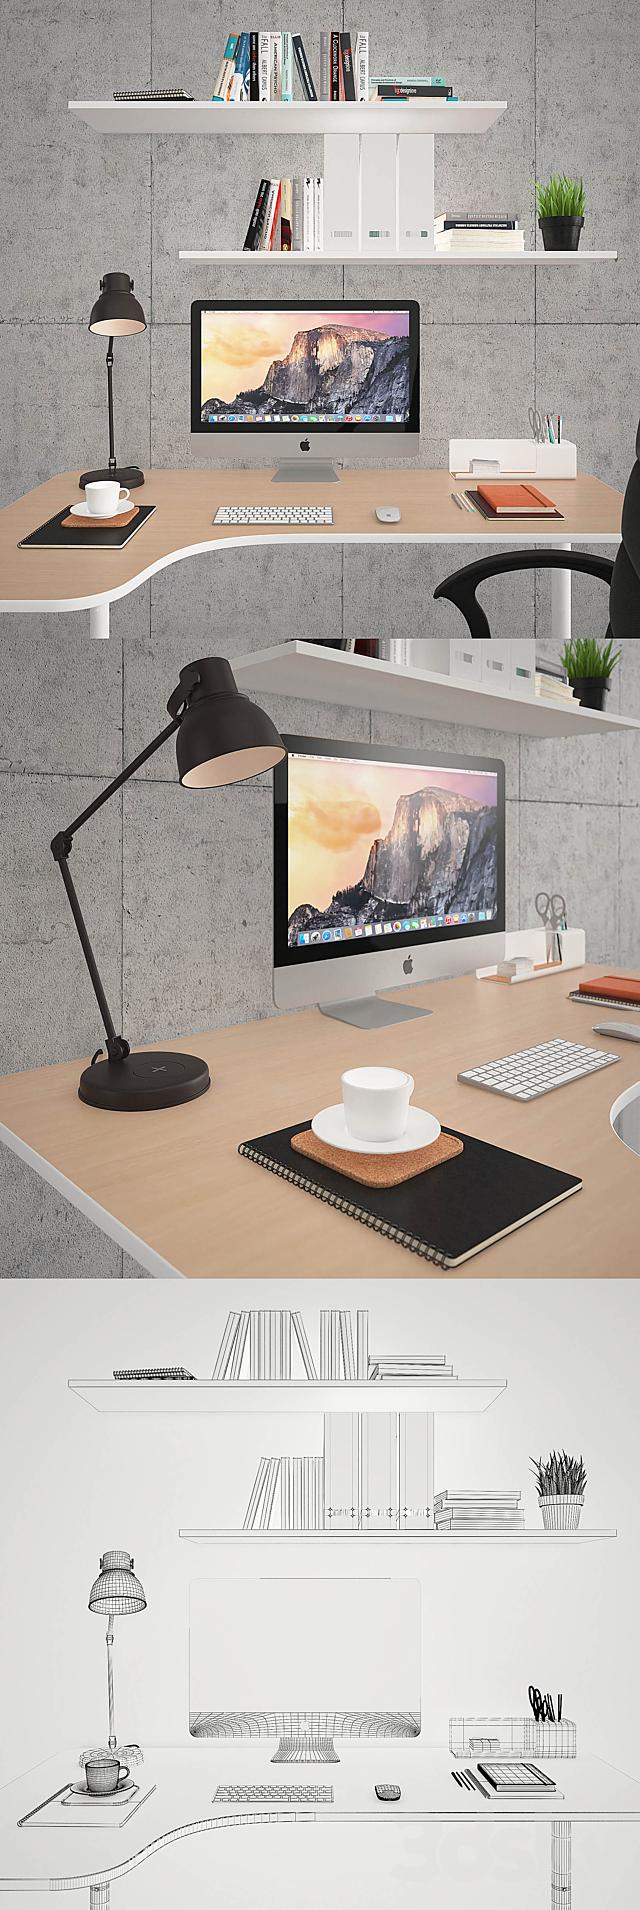 Renberget and Bekant Desk